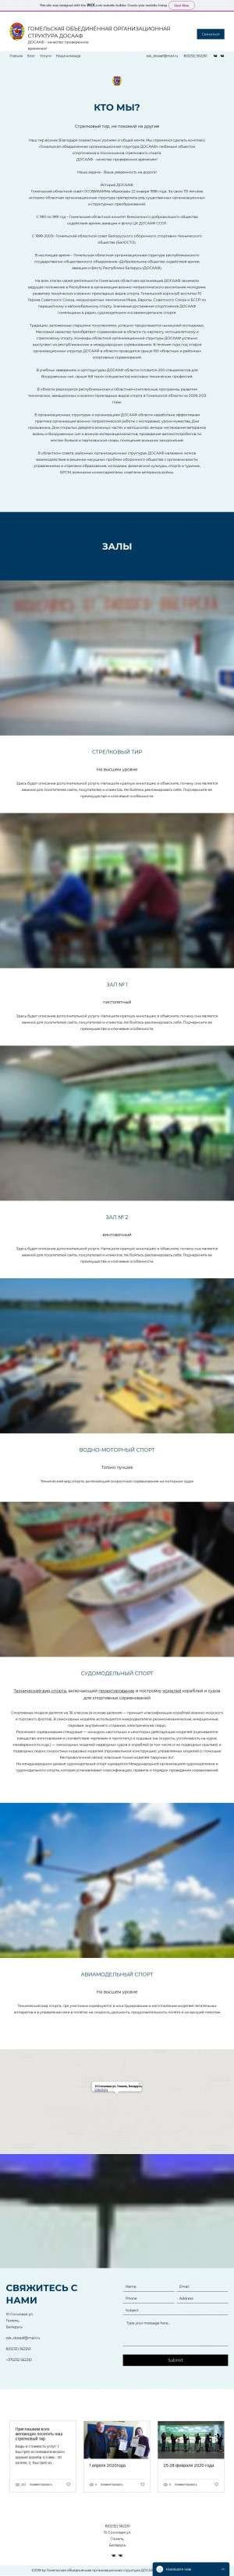 Предпросмотр для sskdosaaf.wixsite.com — Стрелково-спортивный клуб ДОСААФ Гомельский УП